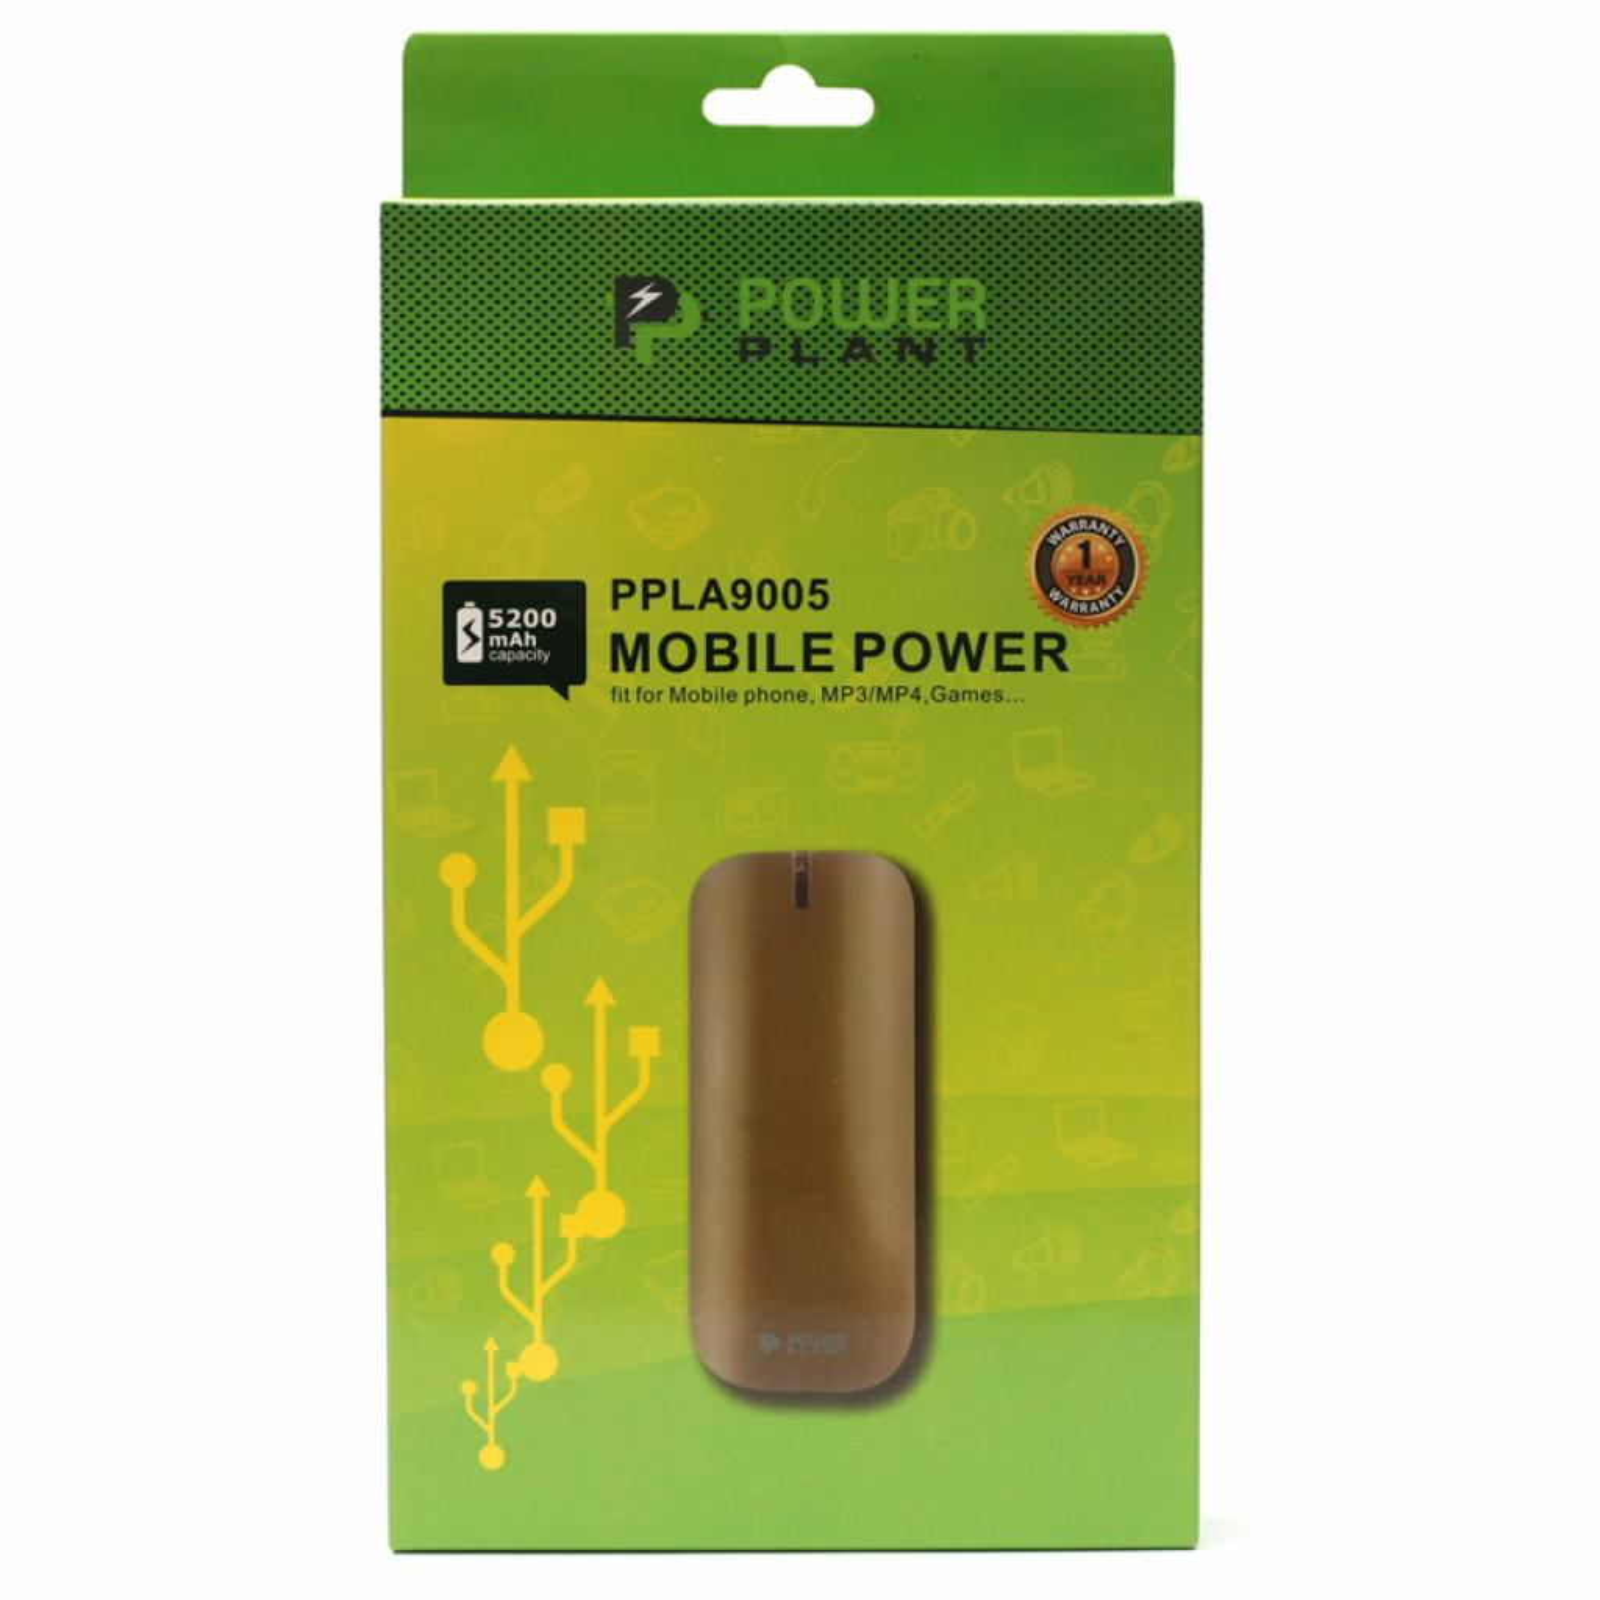 Батарея универсальная PowerPlant PB-LA9005 5200mAh 1*USB/1.0A (PPLA9005) изображение 4